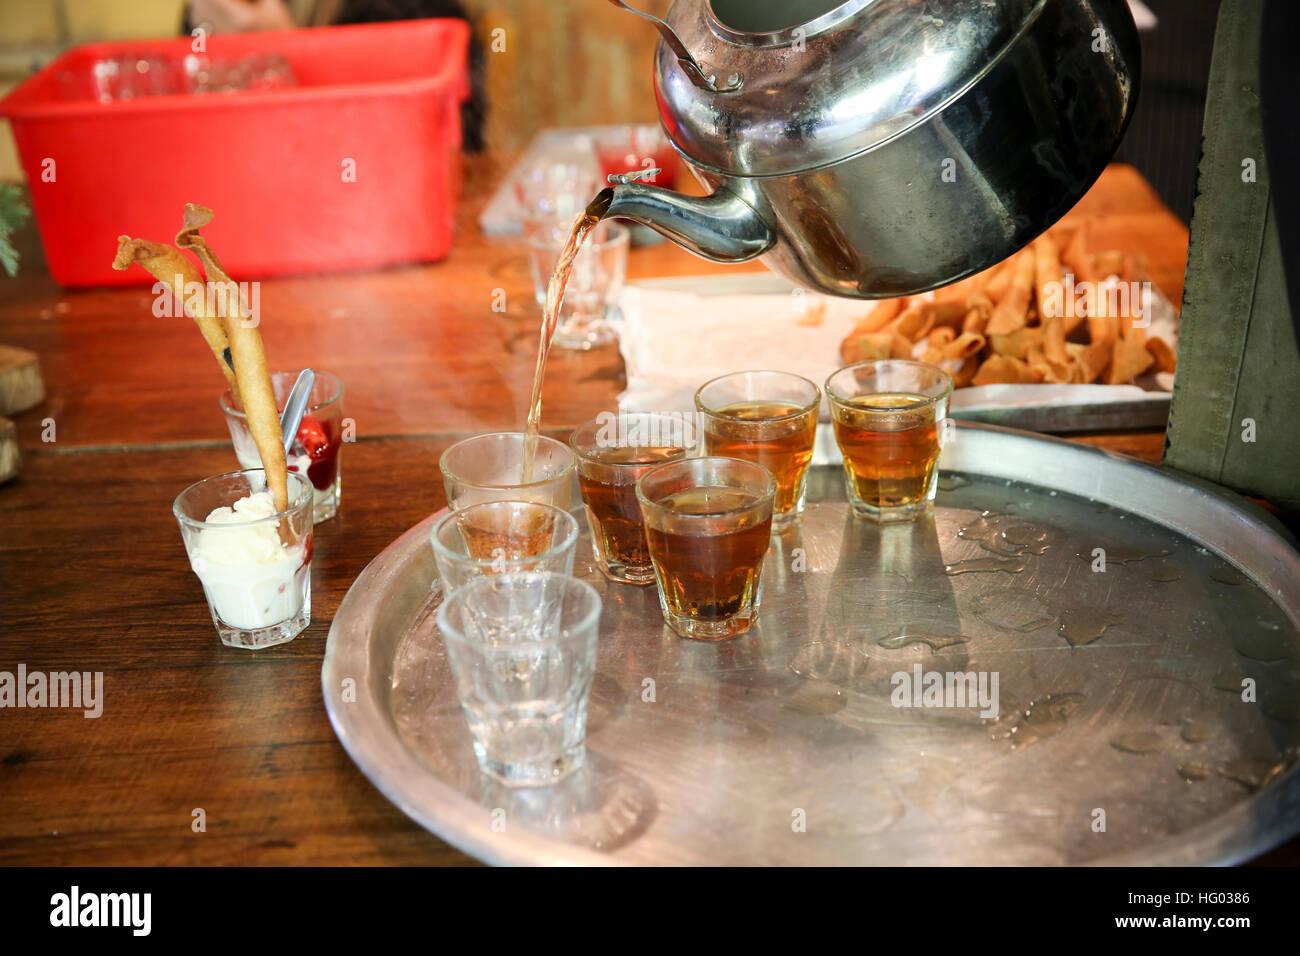 Metà ospitalità orientale - che serve tè ai visitatori. Immagini Stock